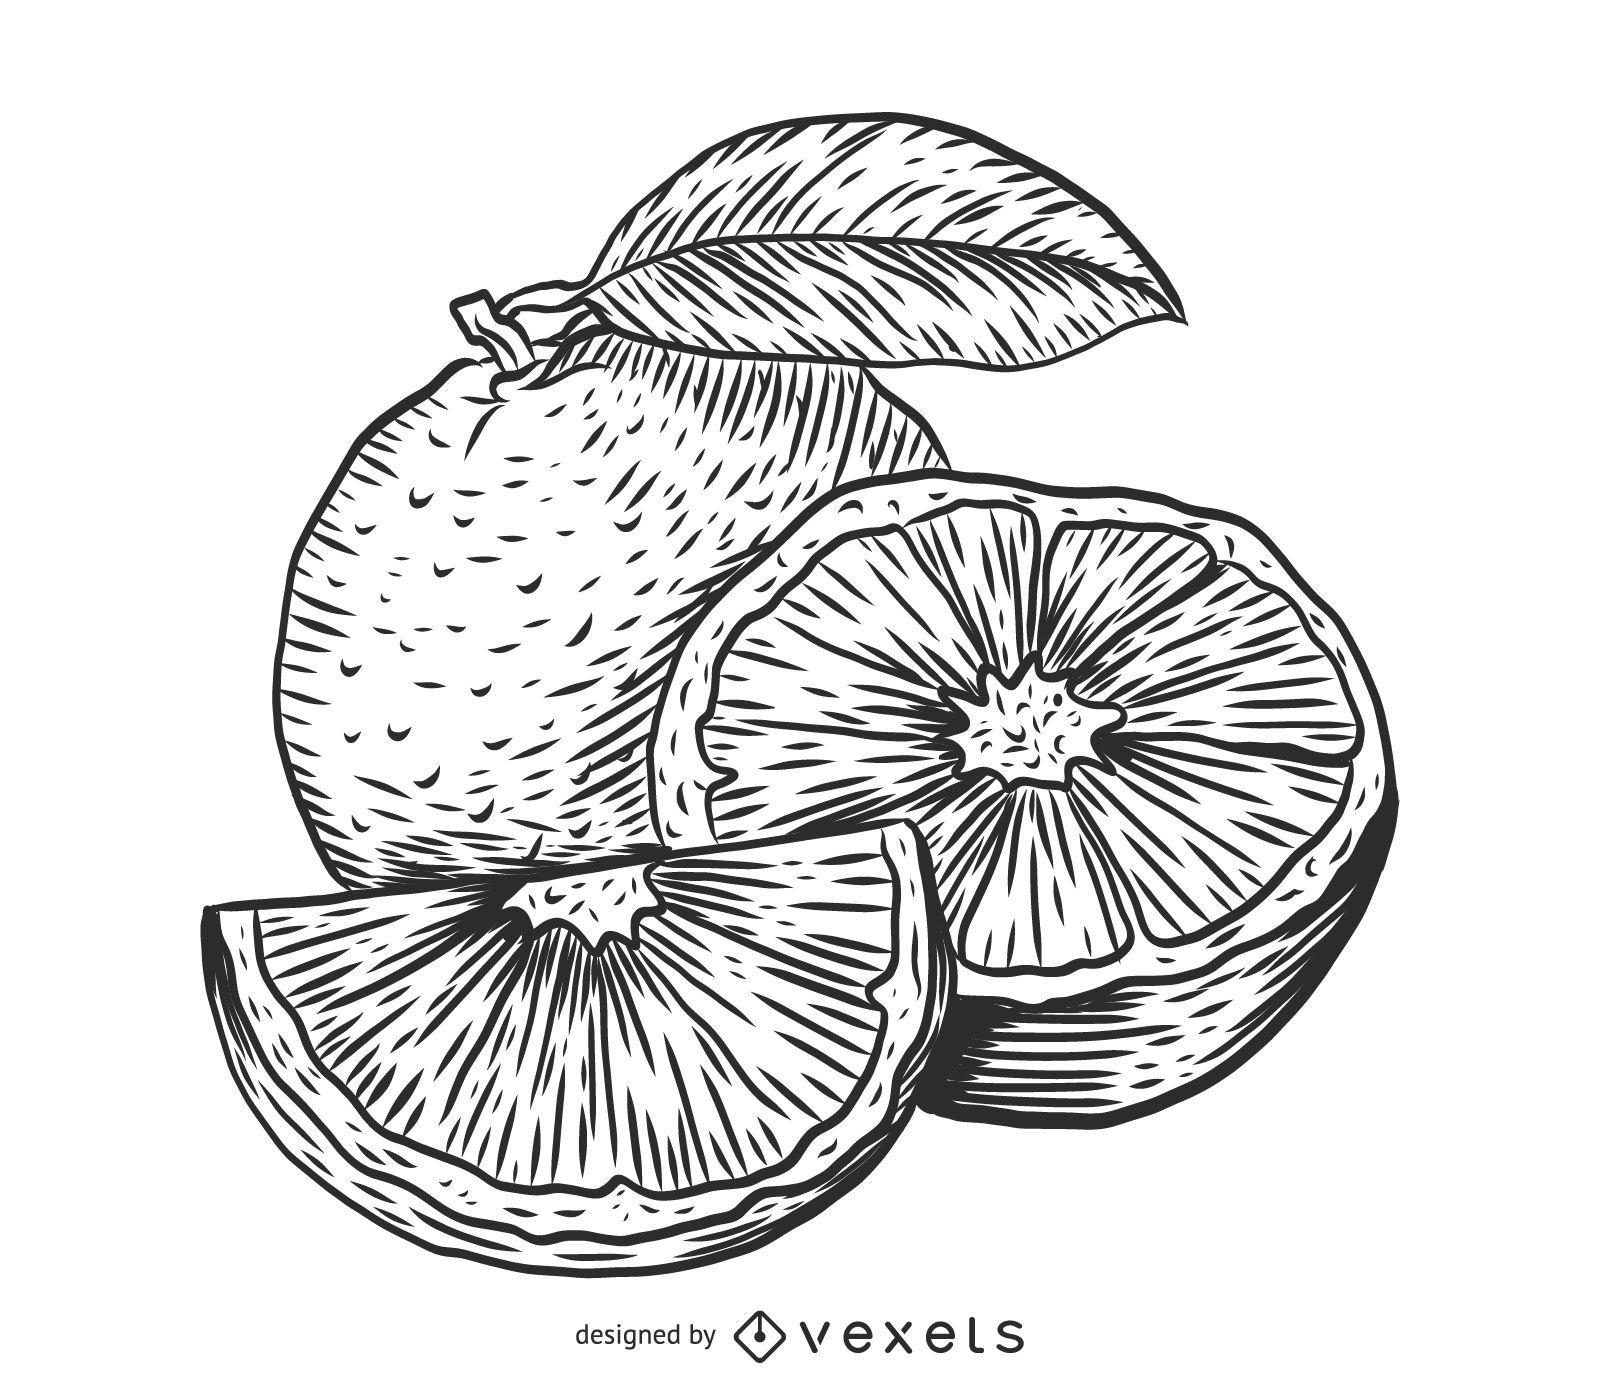 Orange sketch drawing